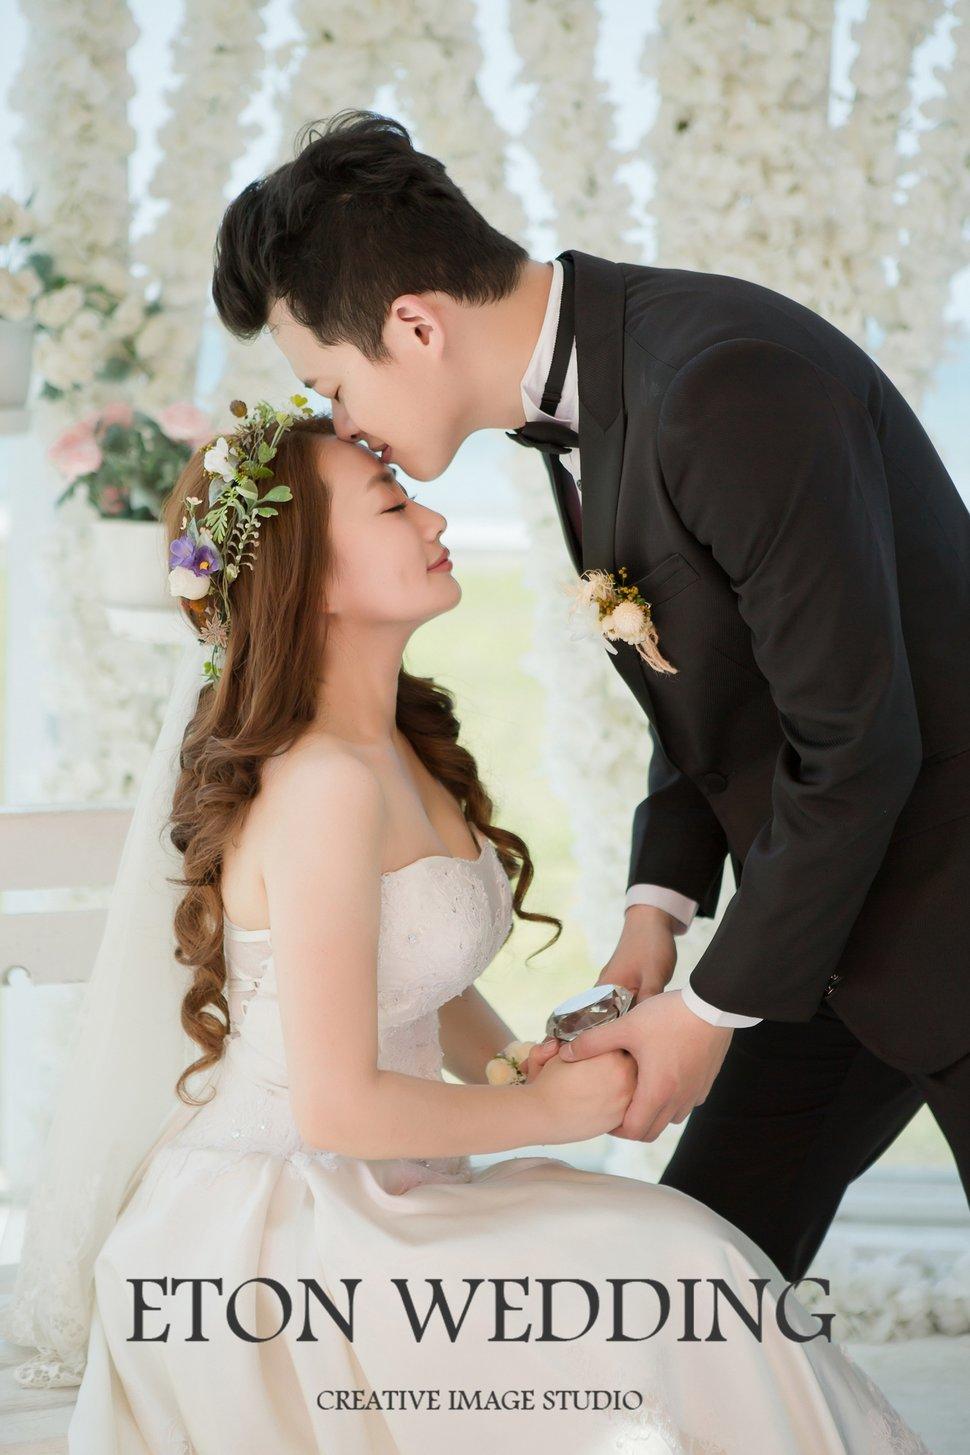 2019台北婚紗推薦,伊頓自助婚紗 (39) - 伊頓自助婚紗 ▌台北高雄板橋桃園新竹台南《結婚吧》